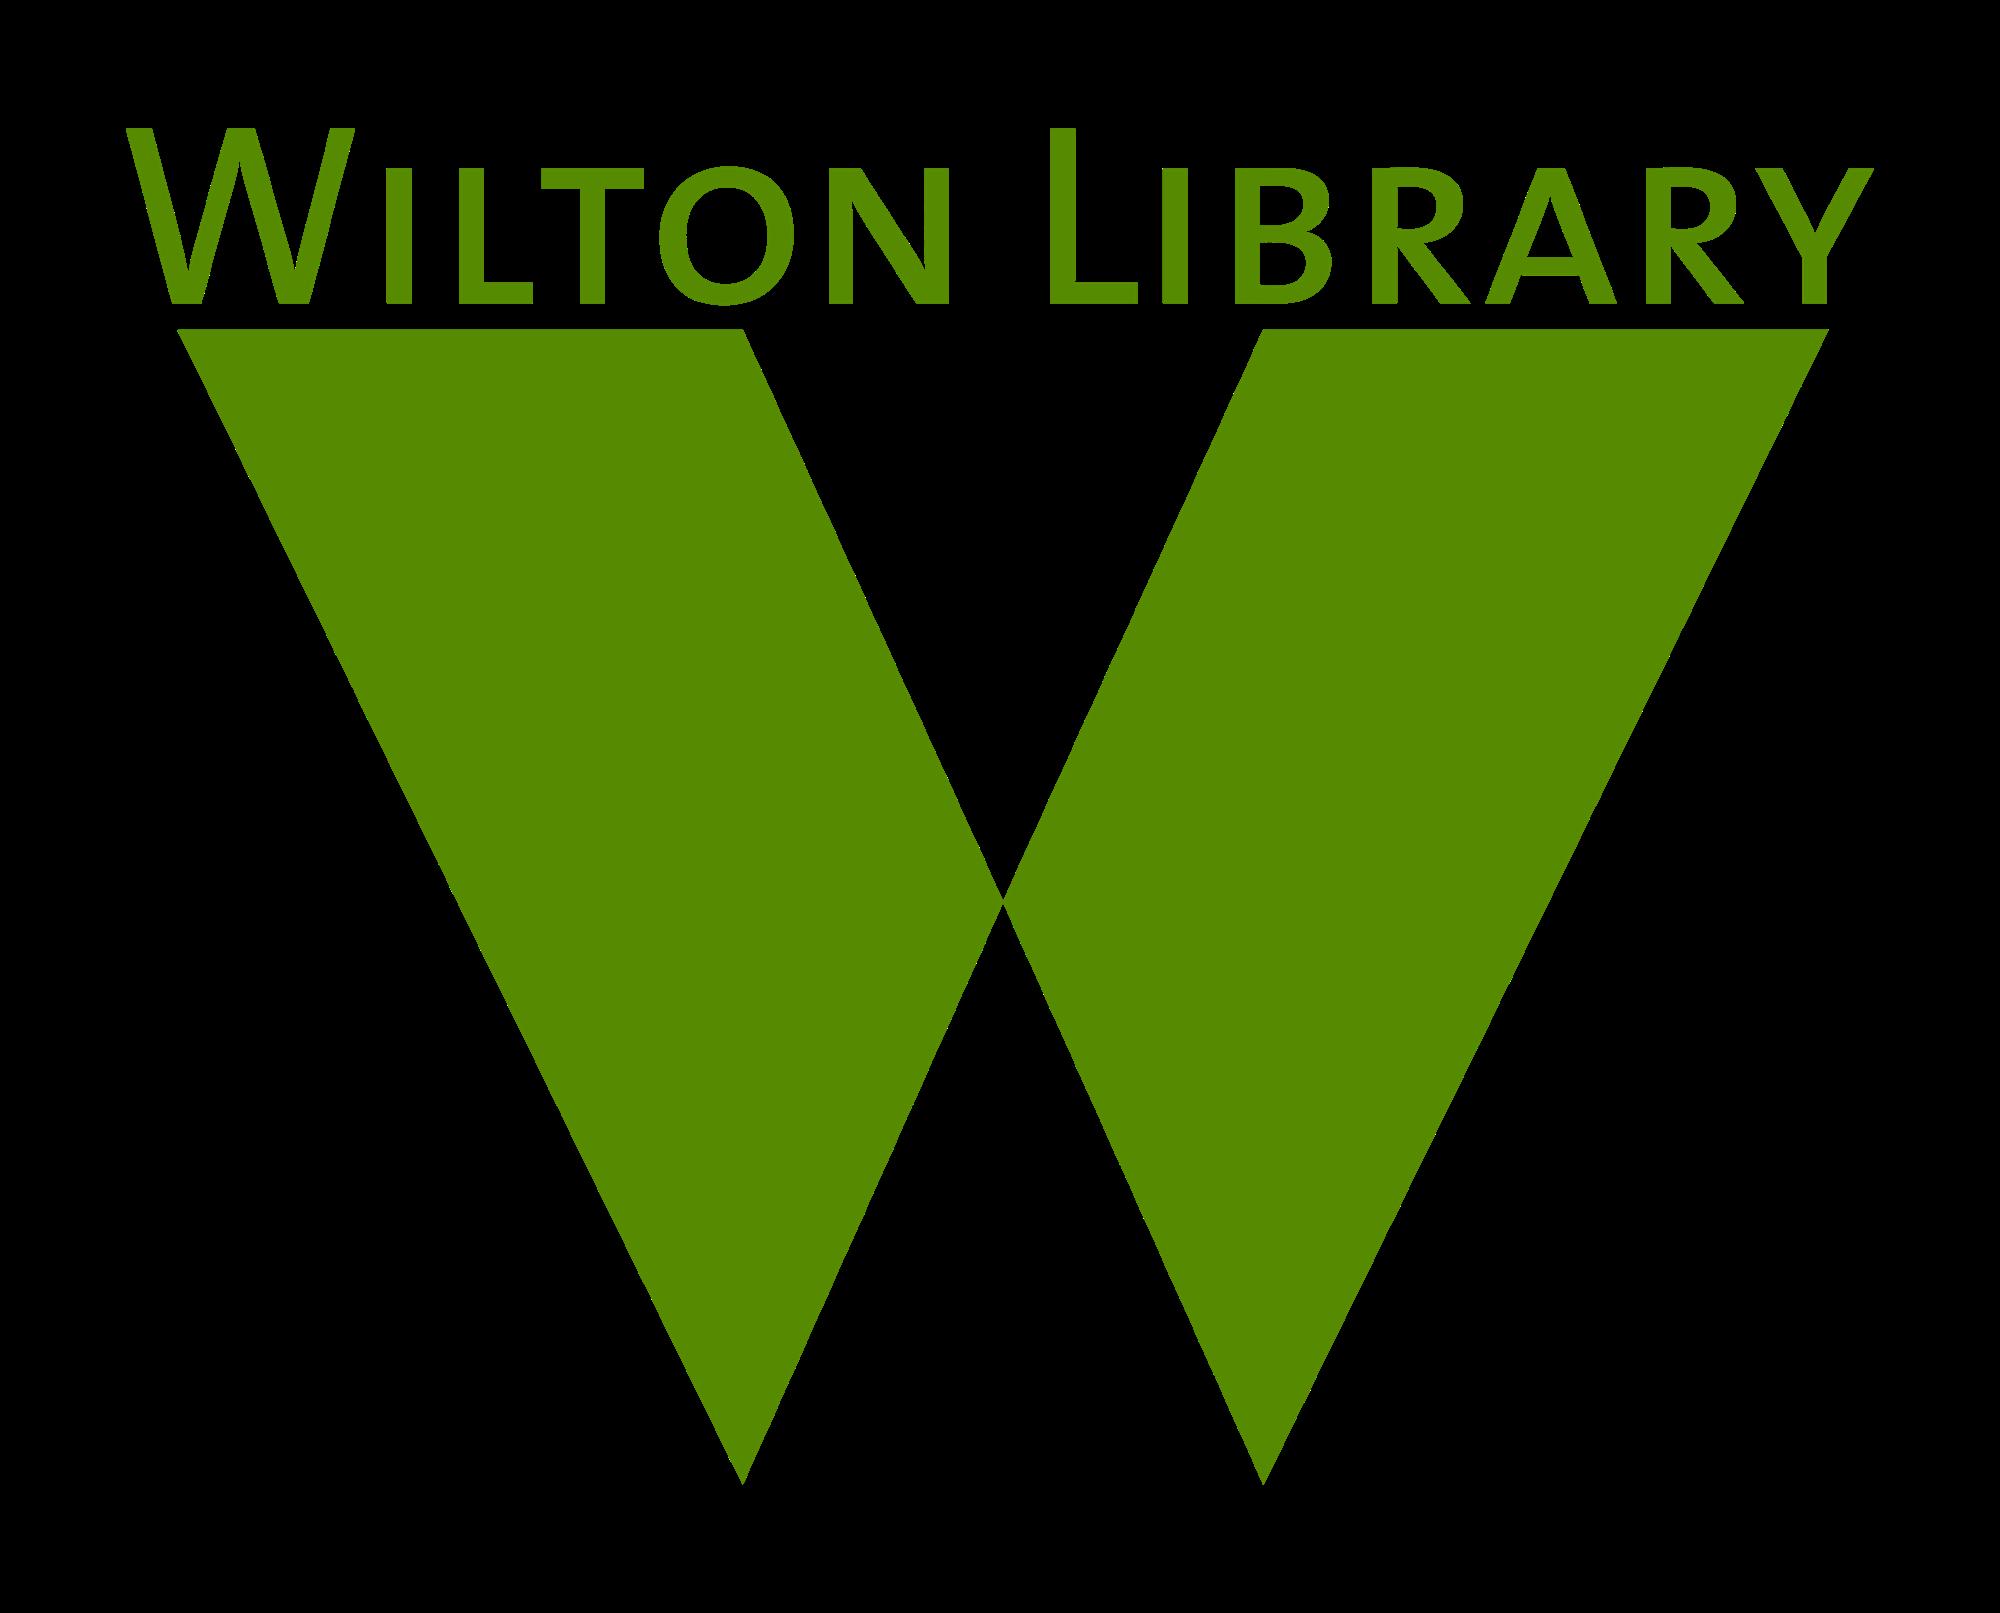 Wilton Library logo